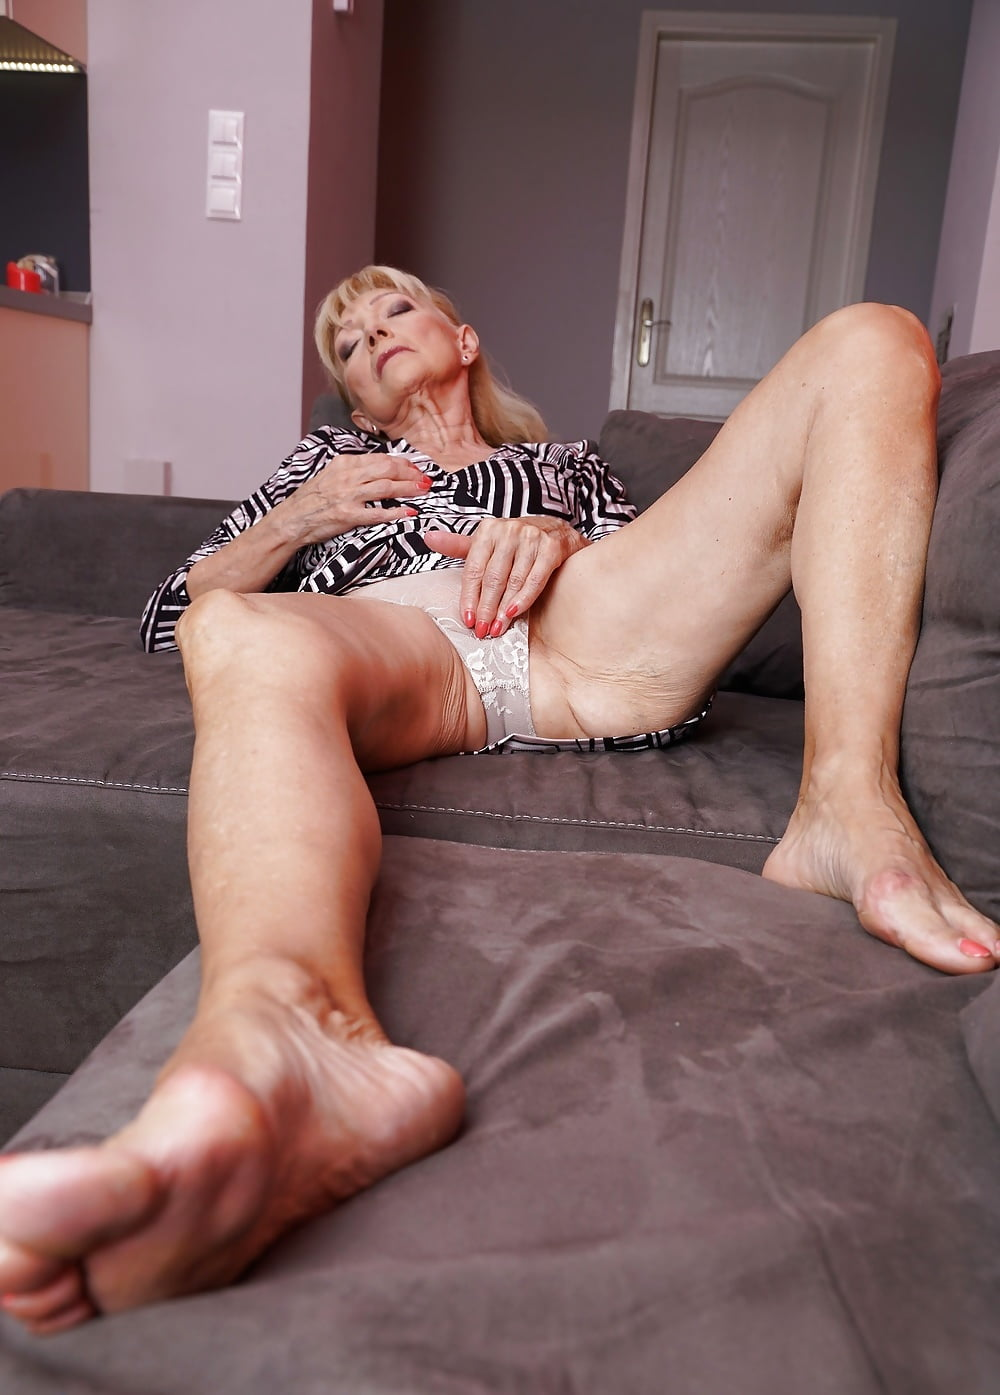 Fat nude women gallery-9727